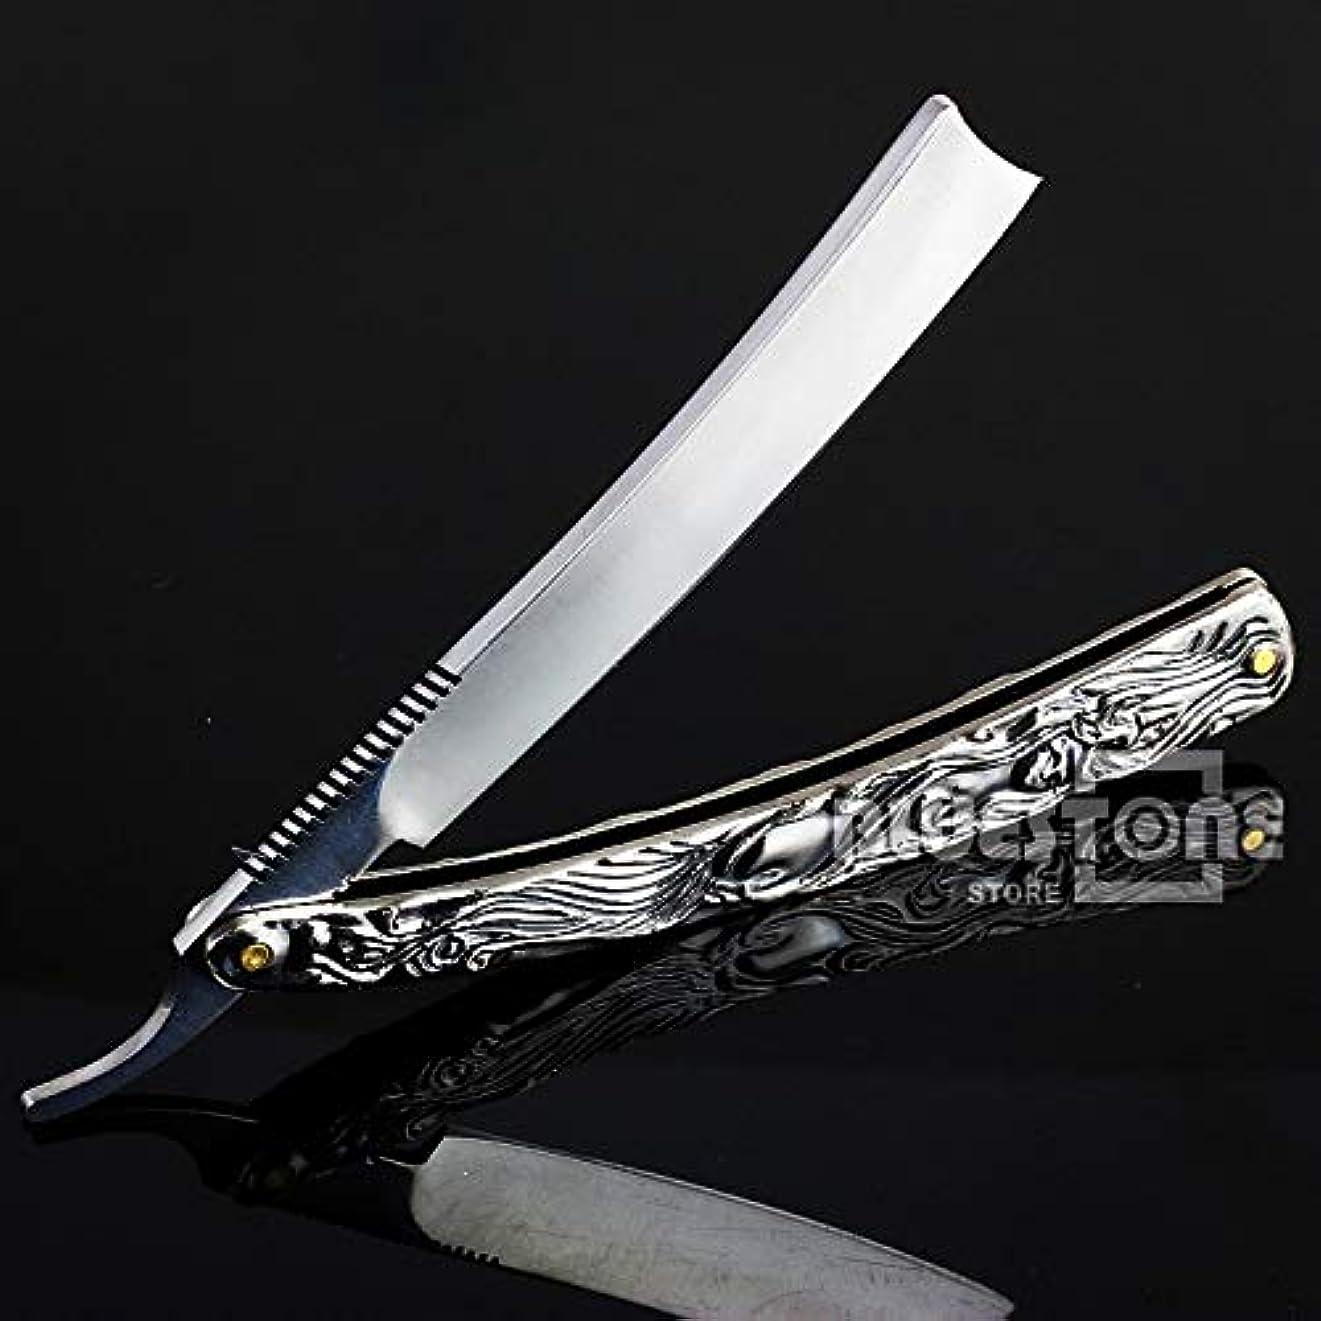 見落とすマイルクリップ蝶Klaxiaz - 高品質ヴィンテージアルミストレートエッジステンレススチールシェイパー理容カミソリ折りたたみシェービングナイフ